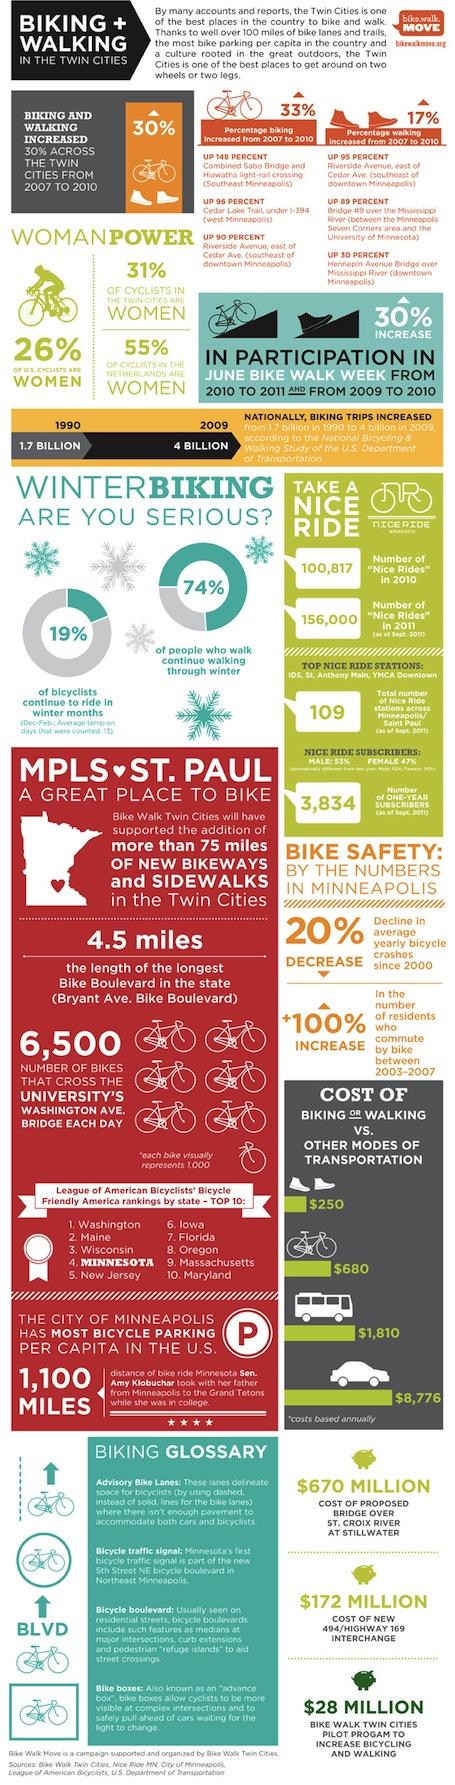 twin-cities-biking-walking